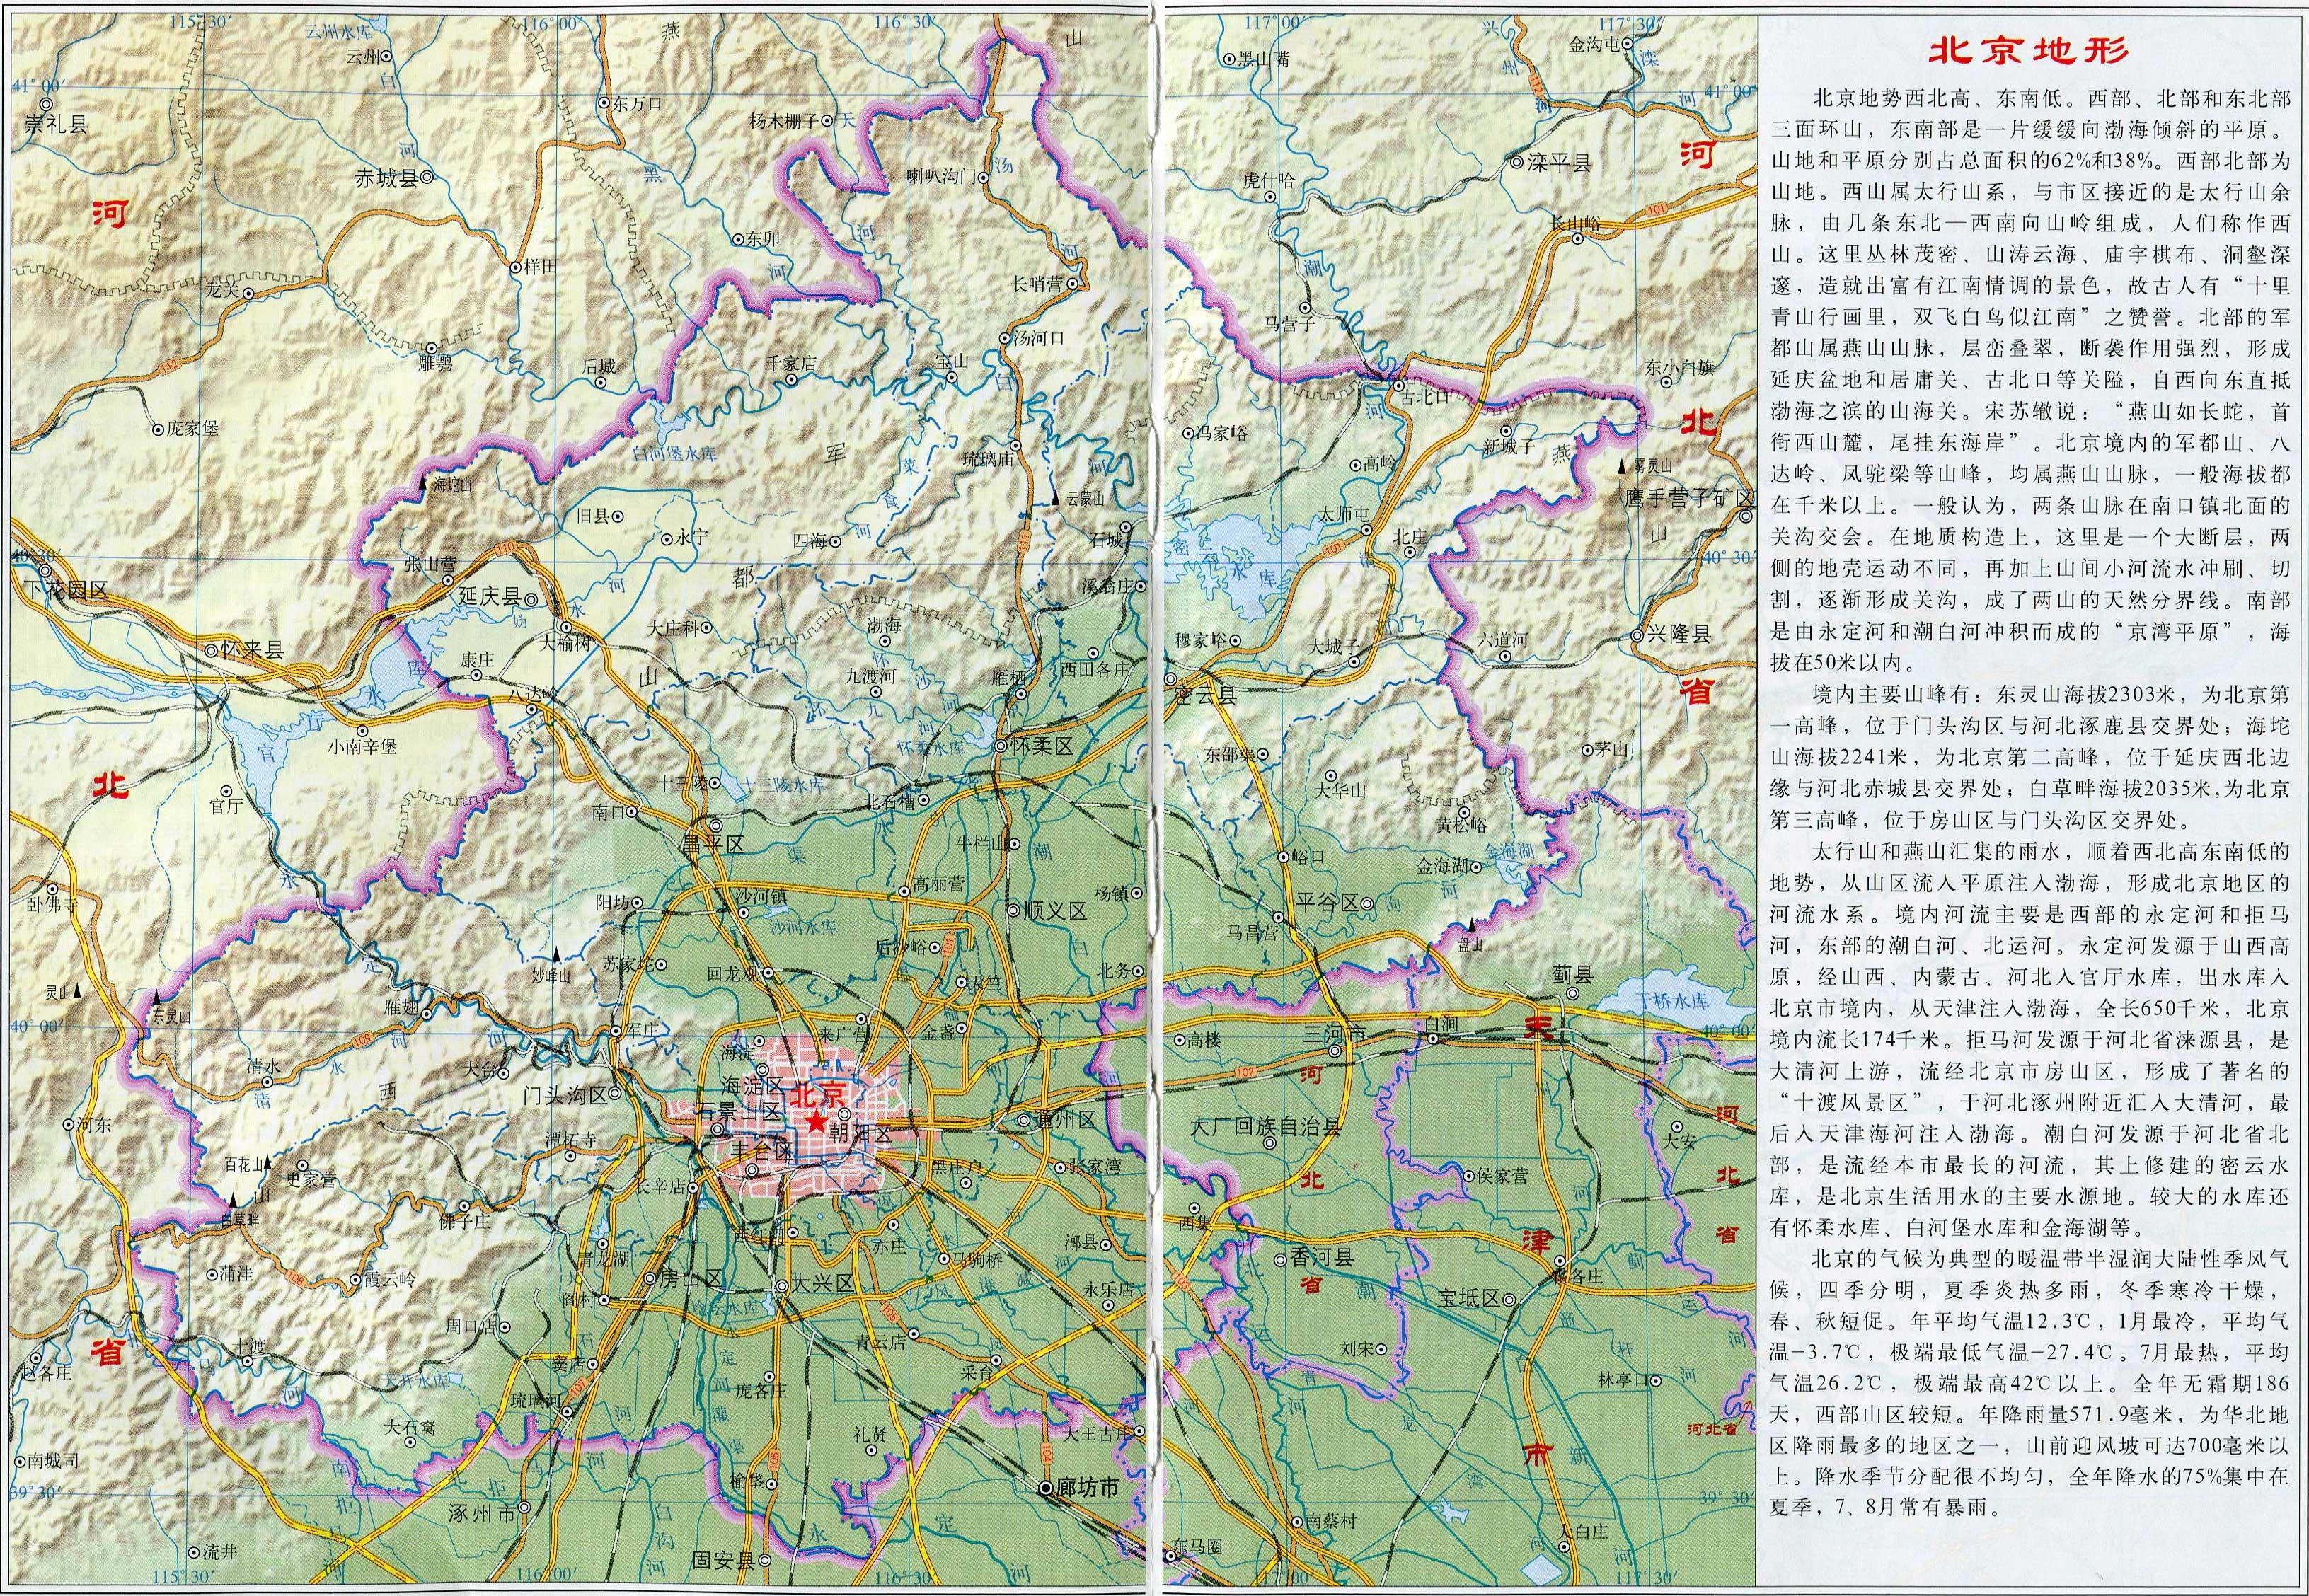 北京交通地图高清版